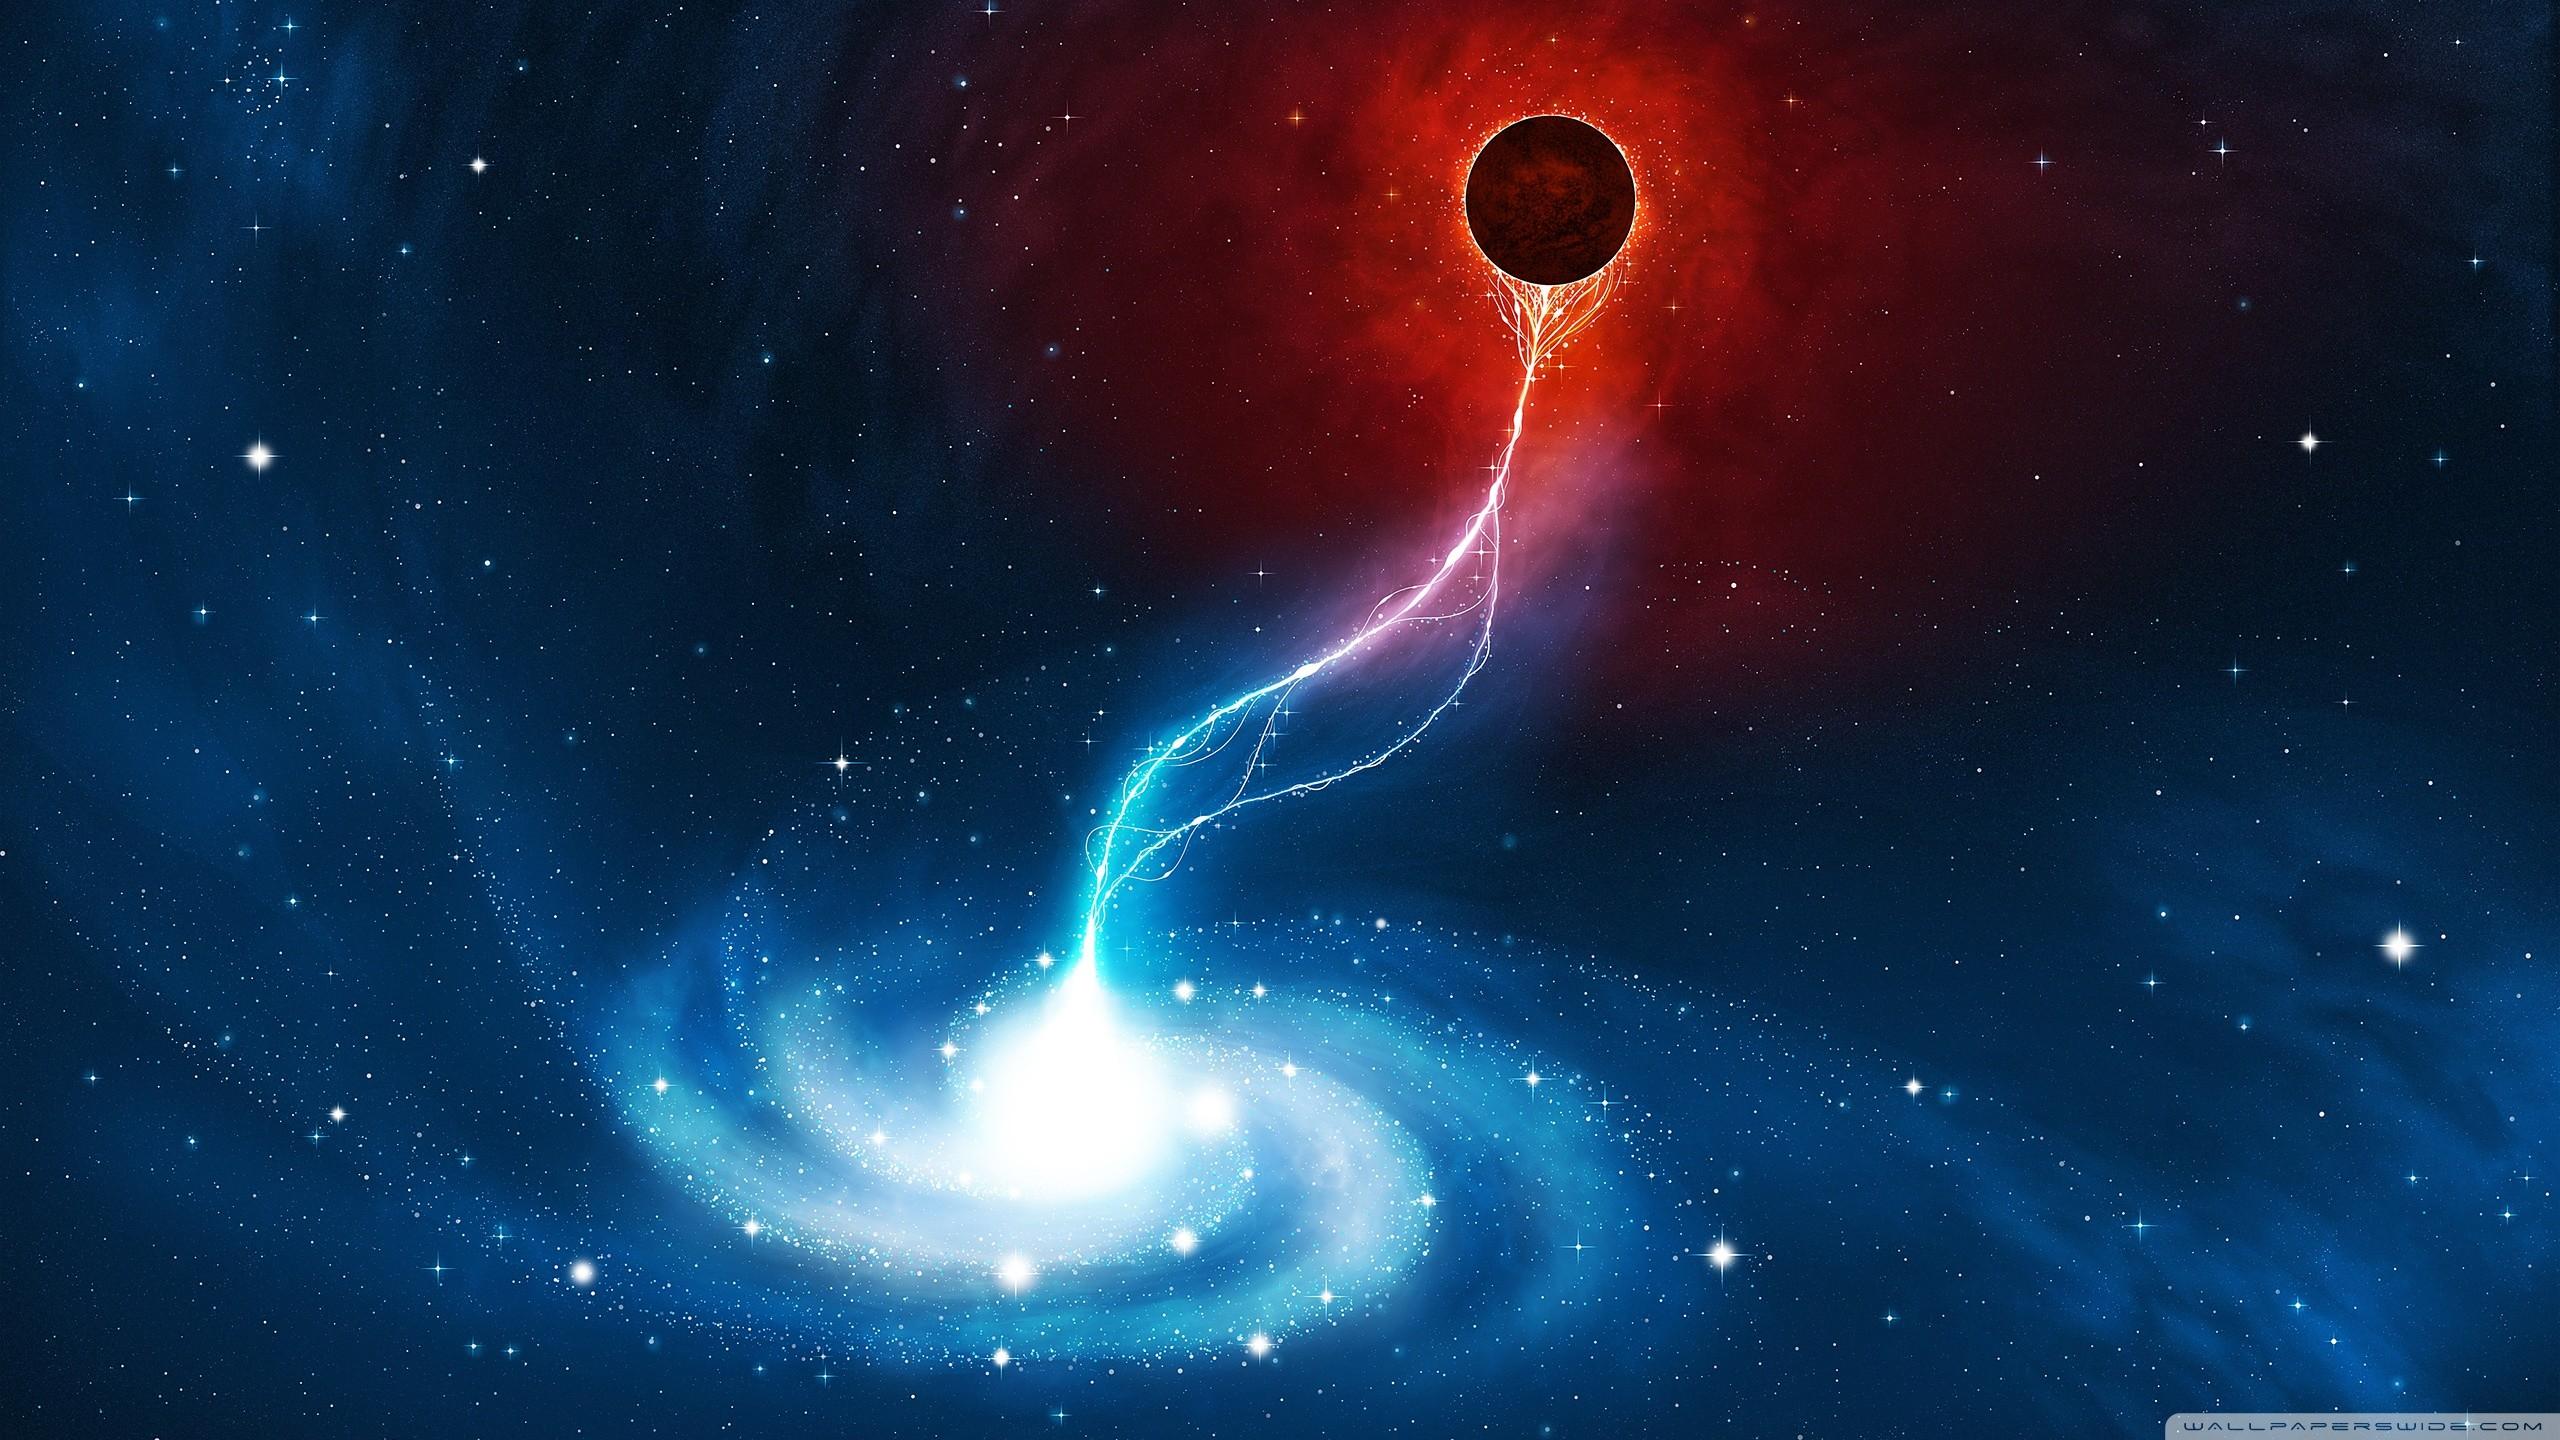 2048x1152 Red Galaxy 4k 2048x1152 Resolution HD 4k